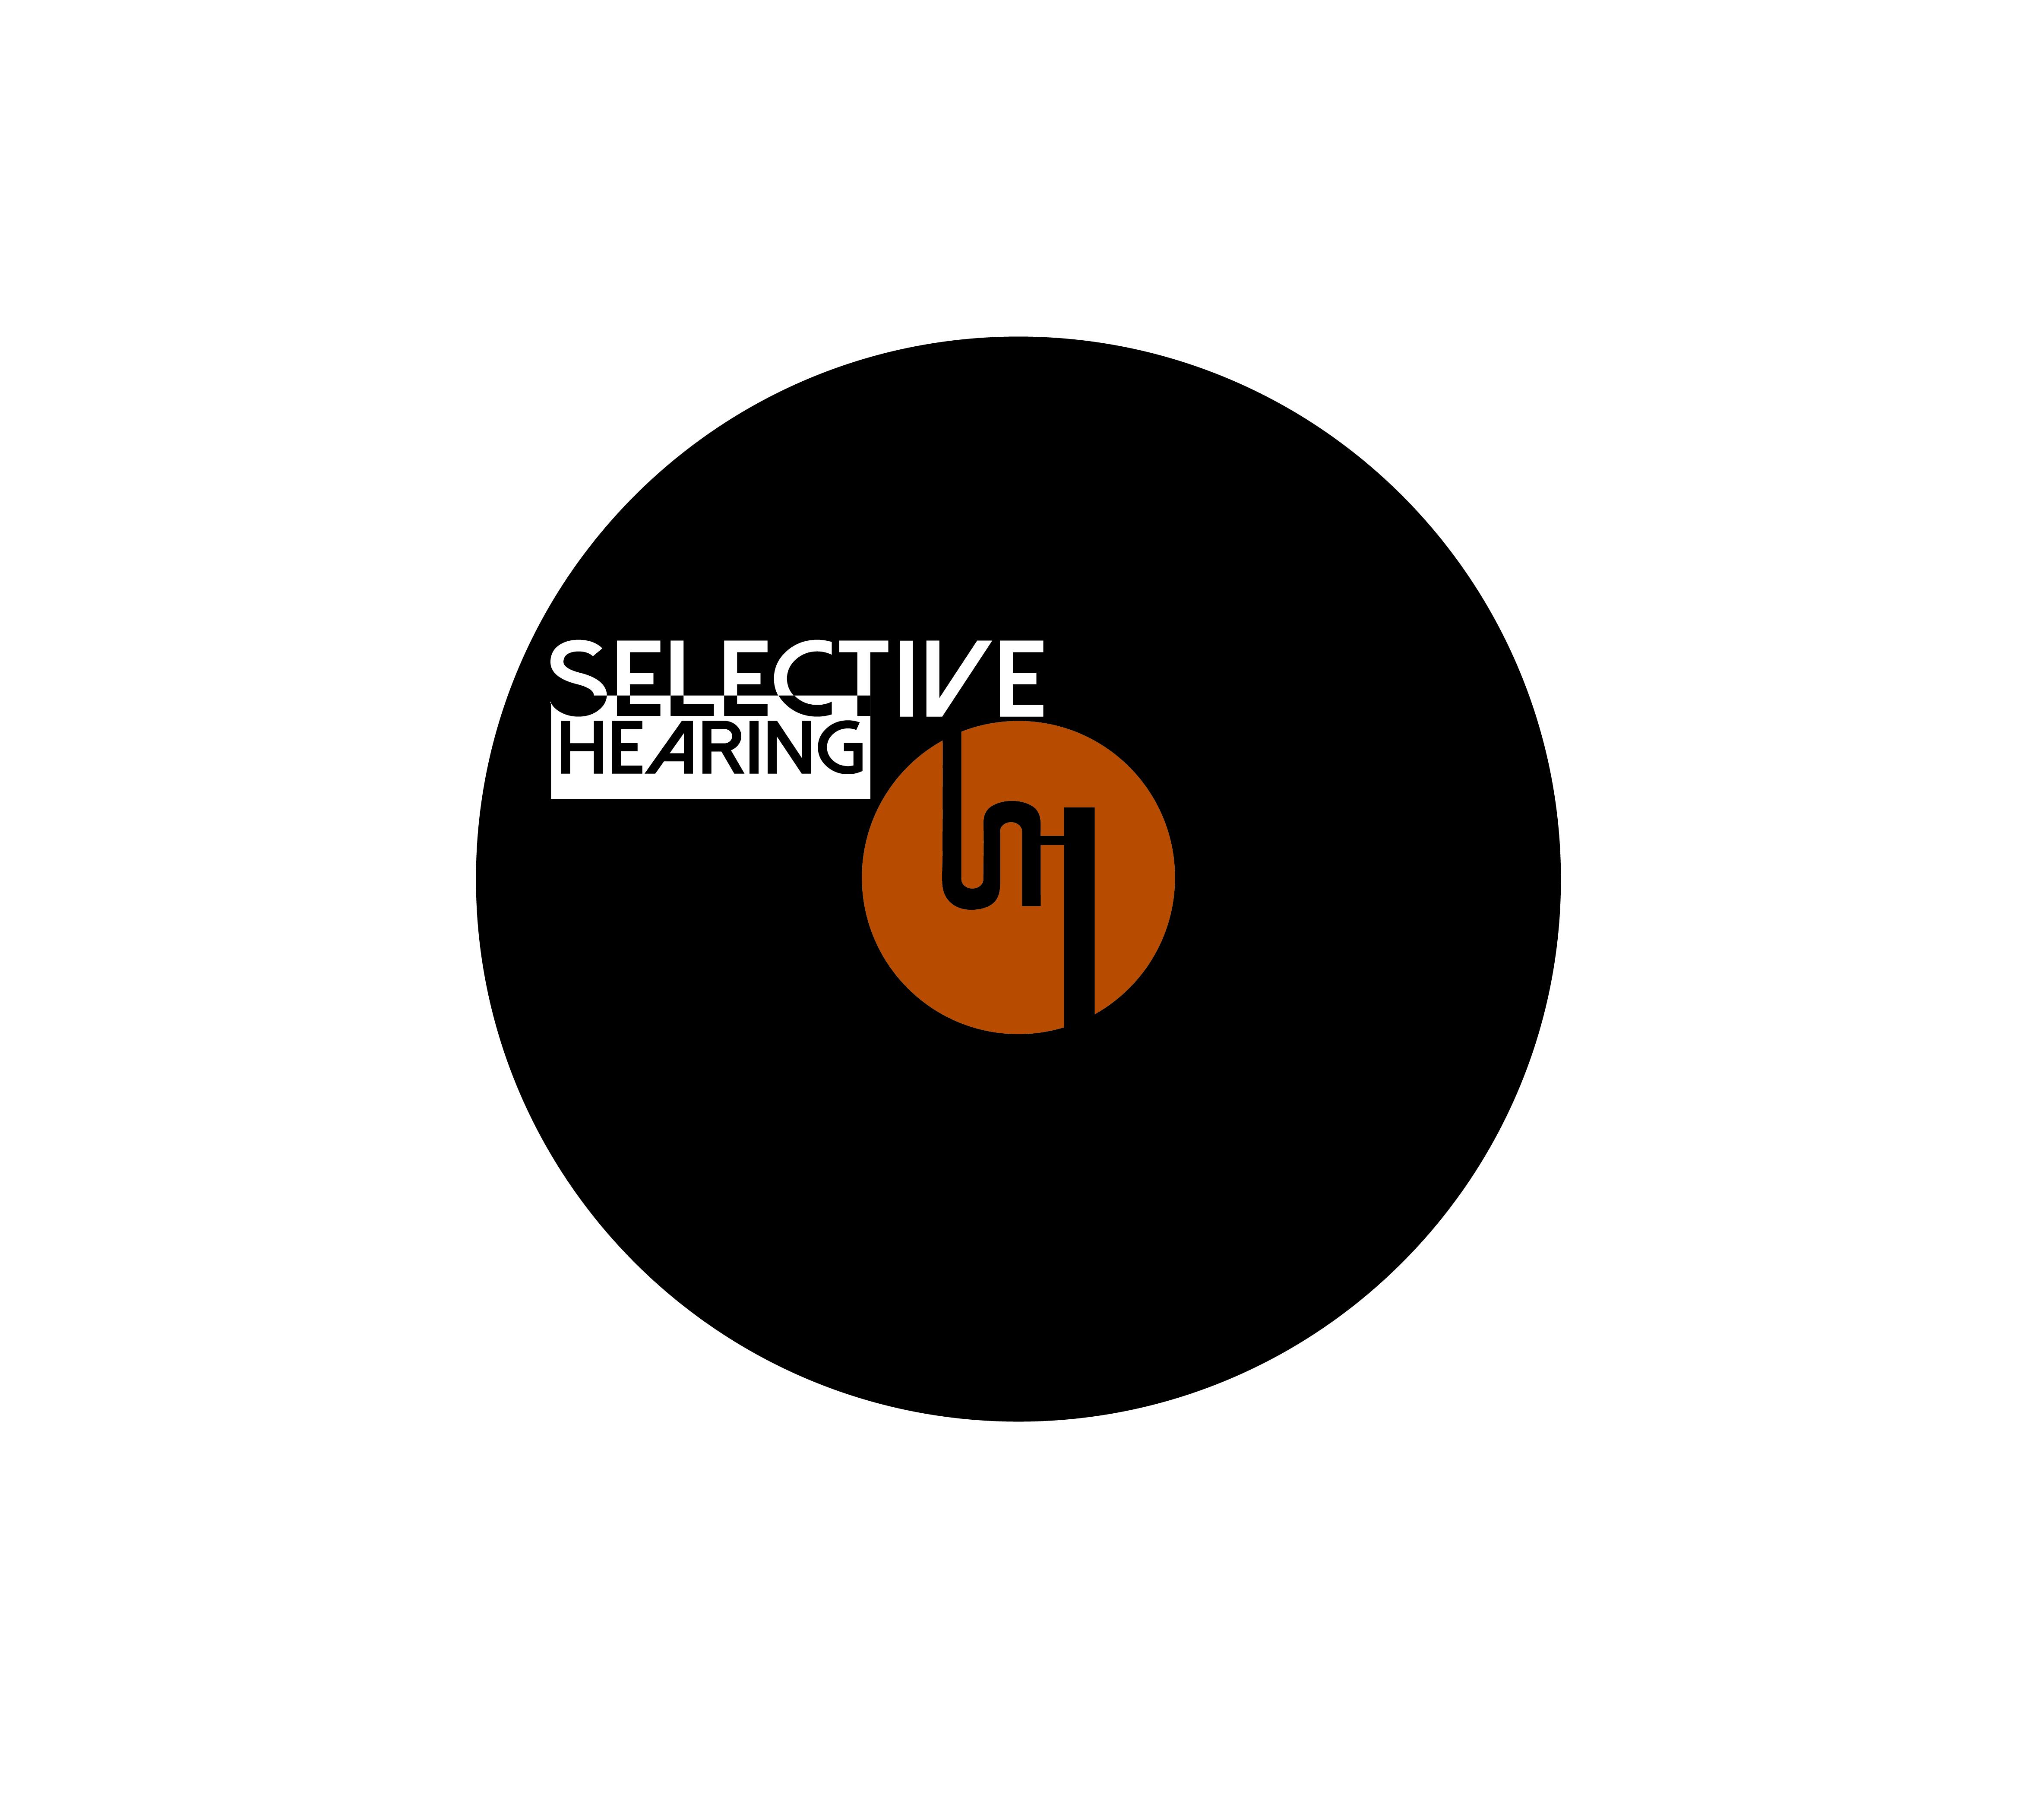 Selective Hearing (2016)